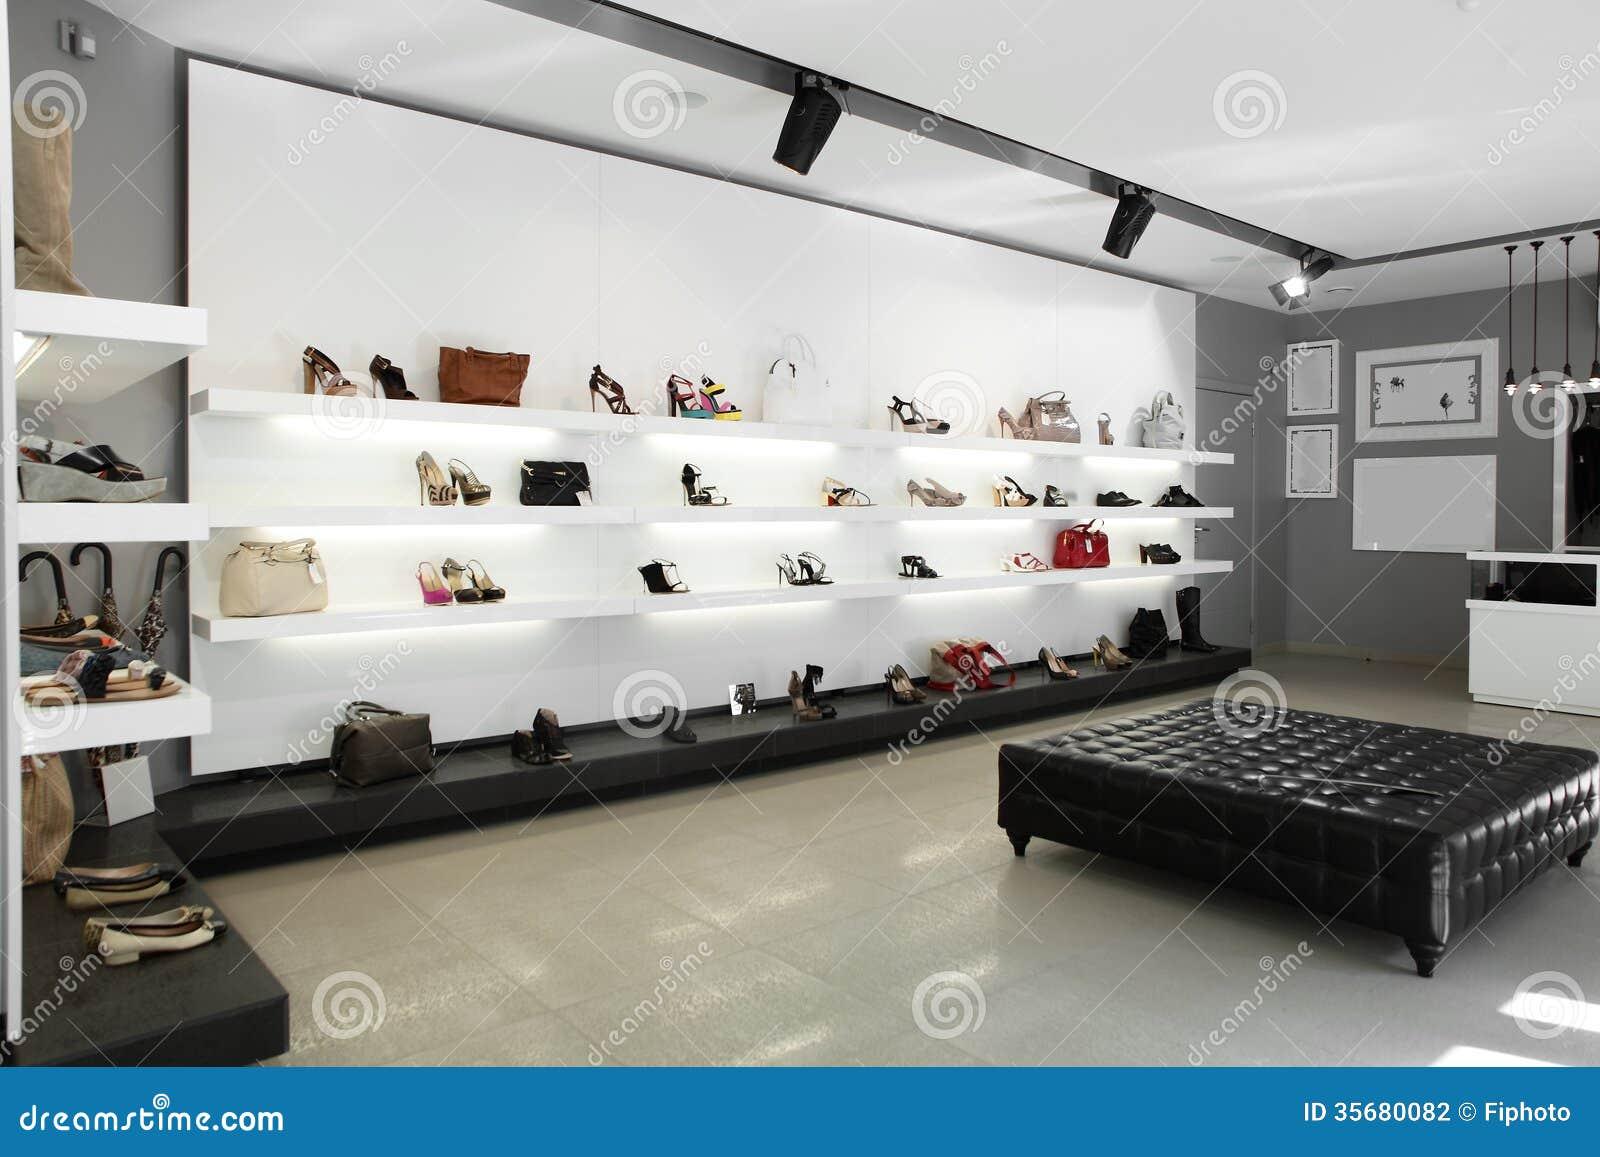 European Shoe Store